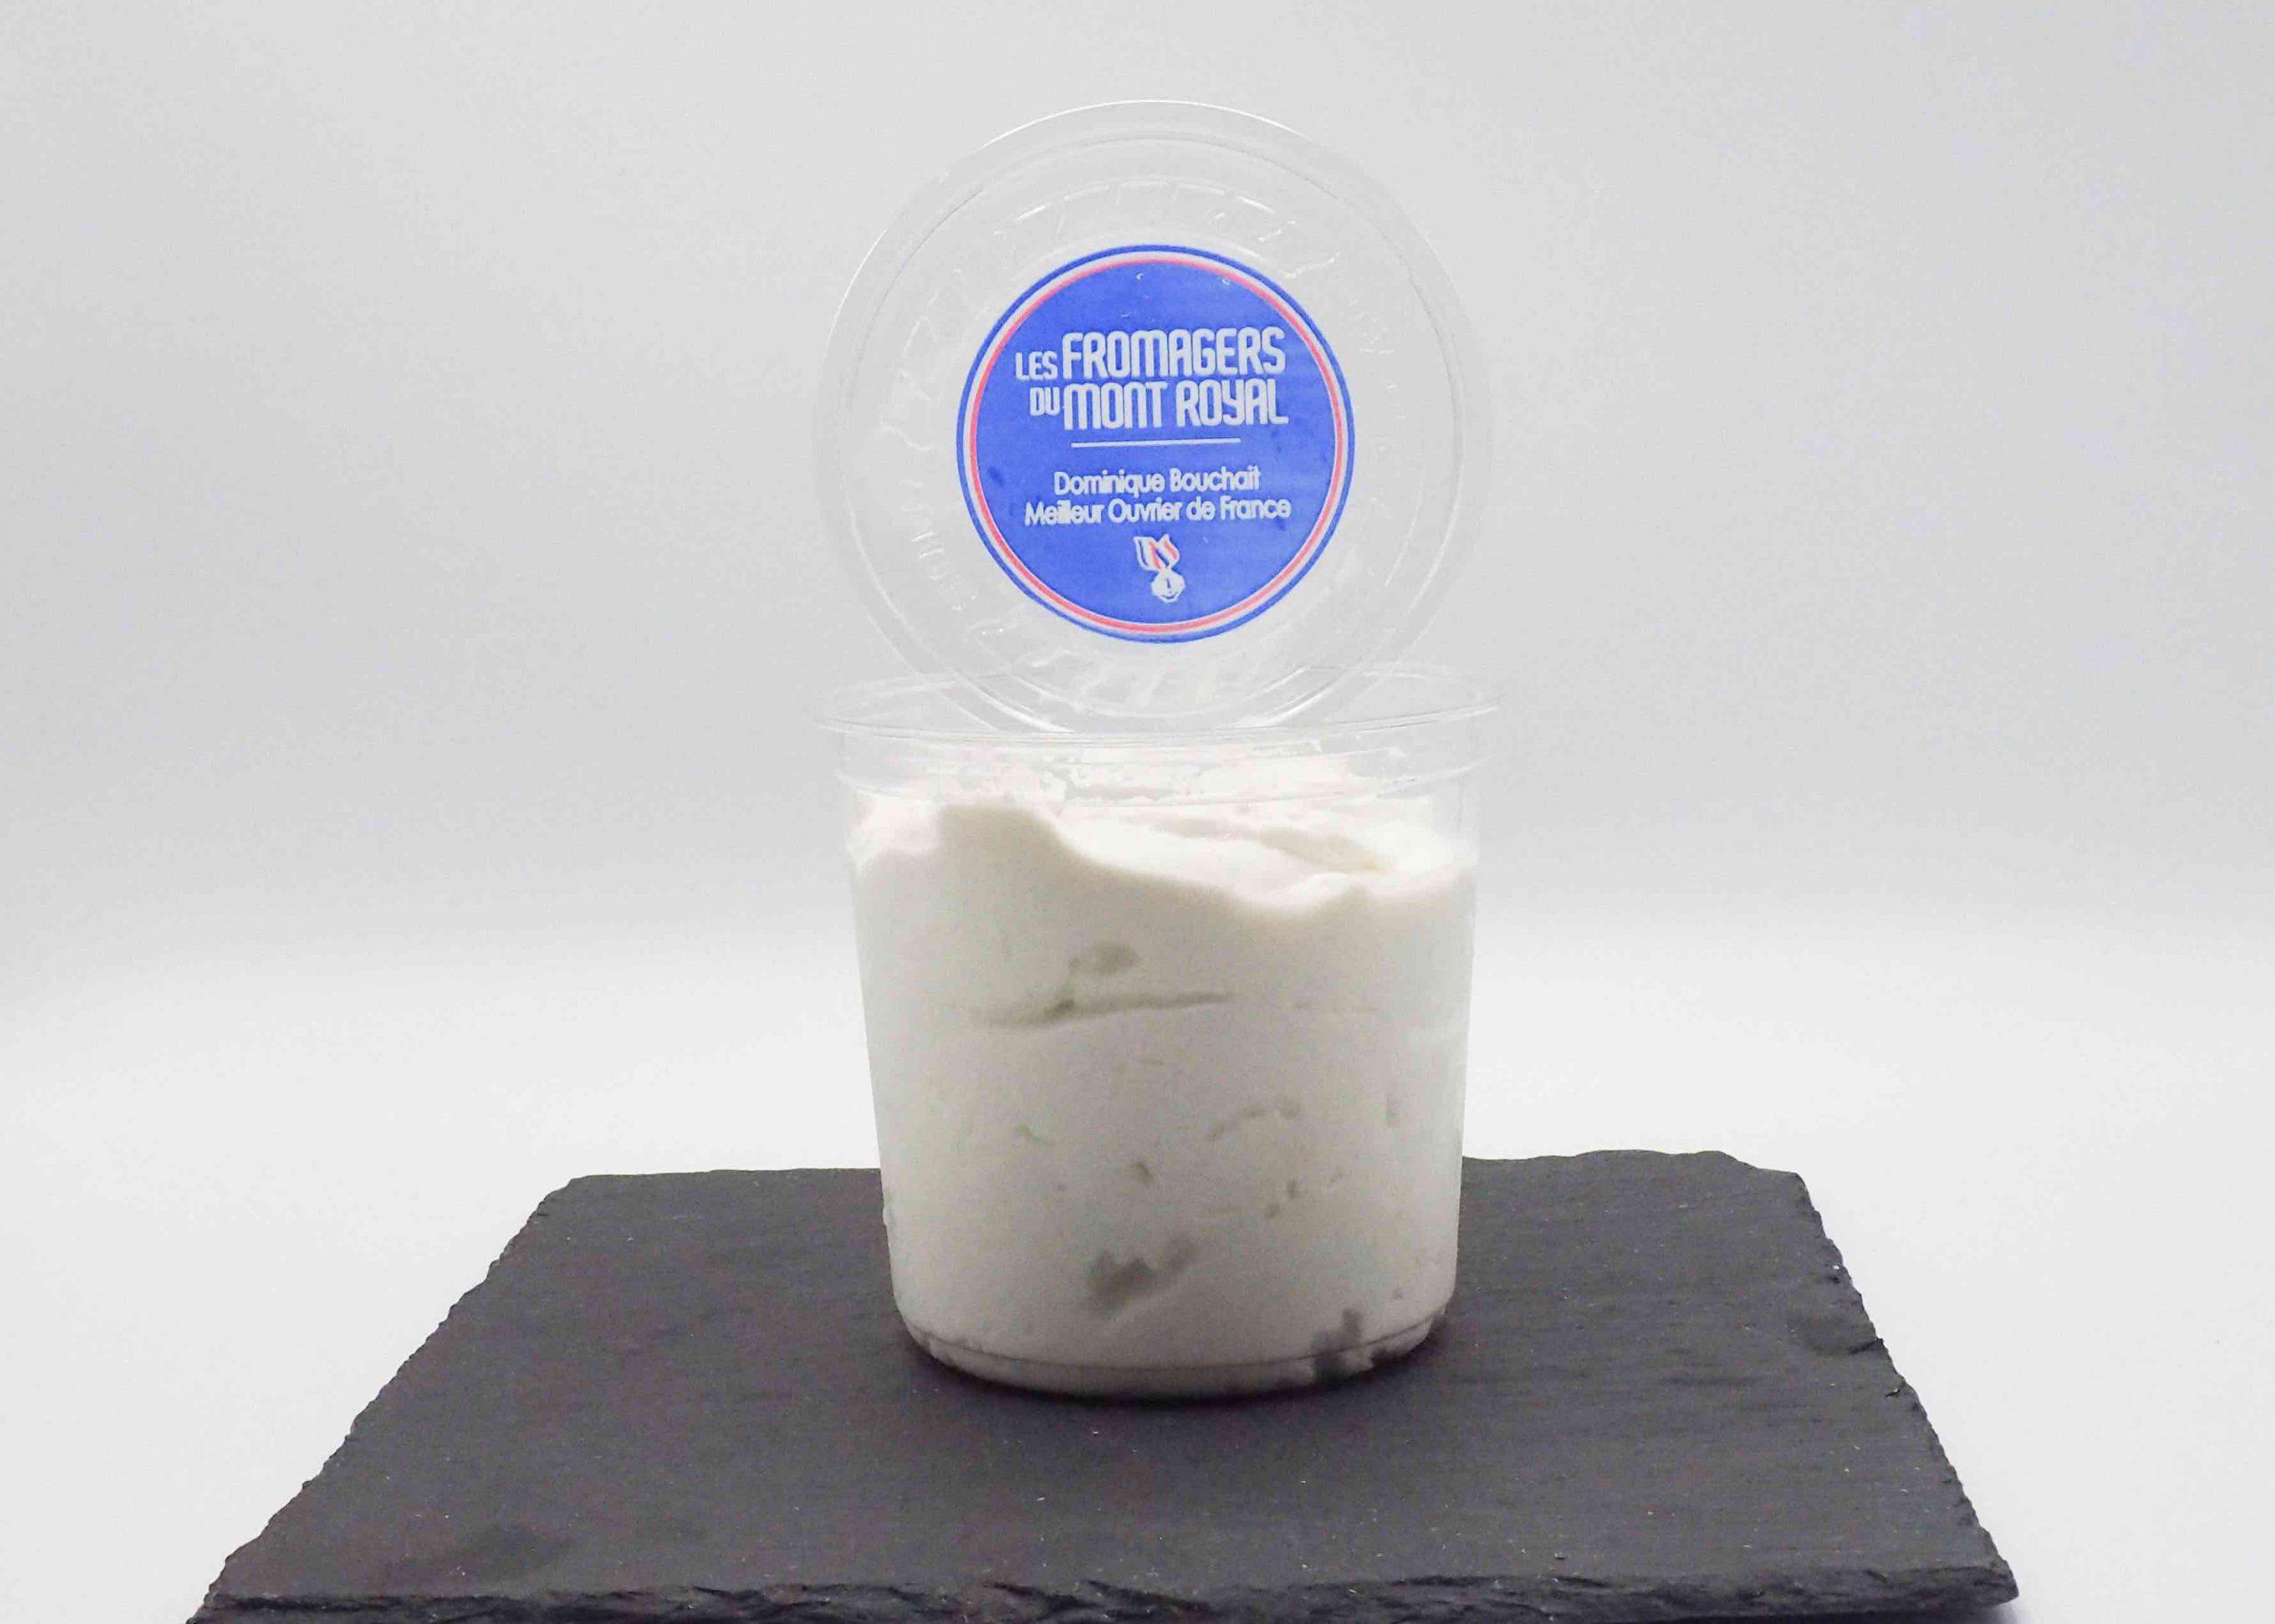 fromage-blanc-dominique-bouchait-18